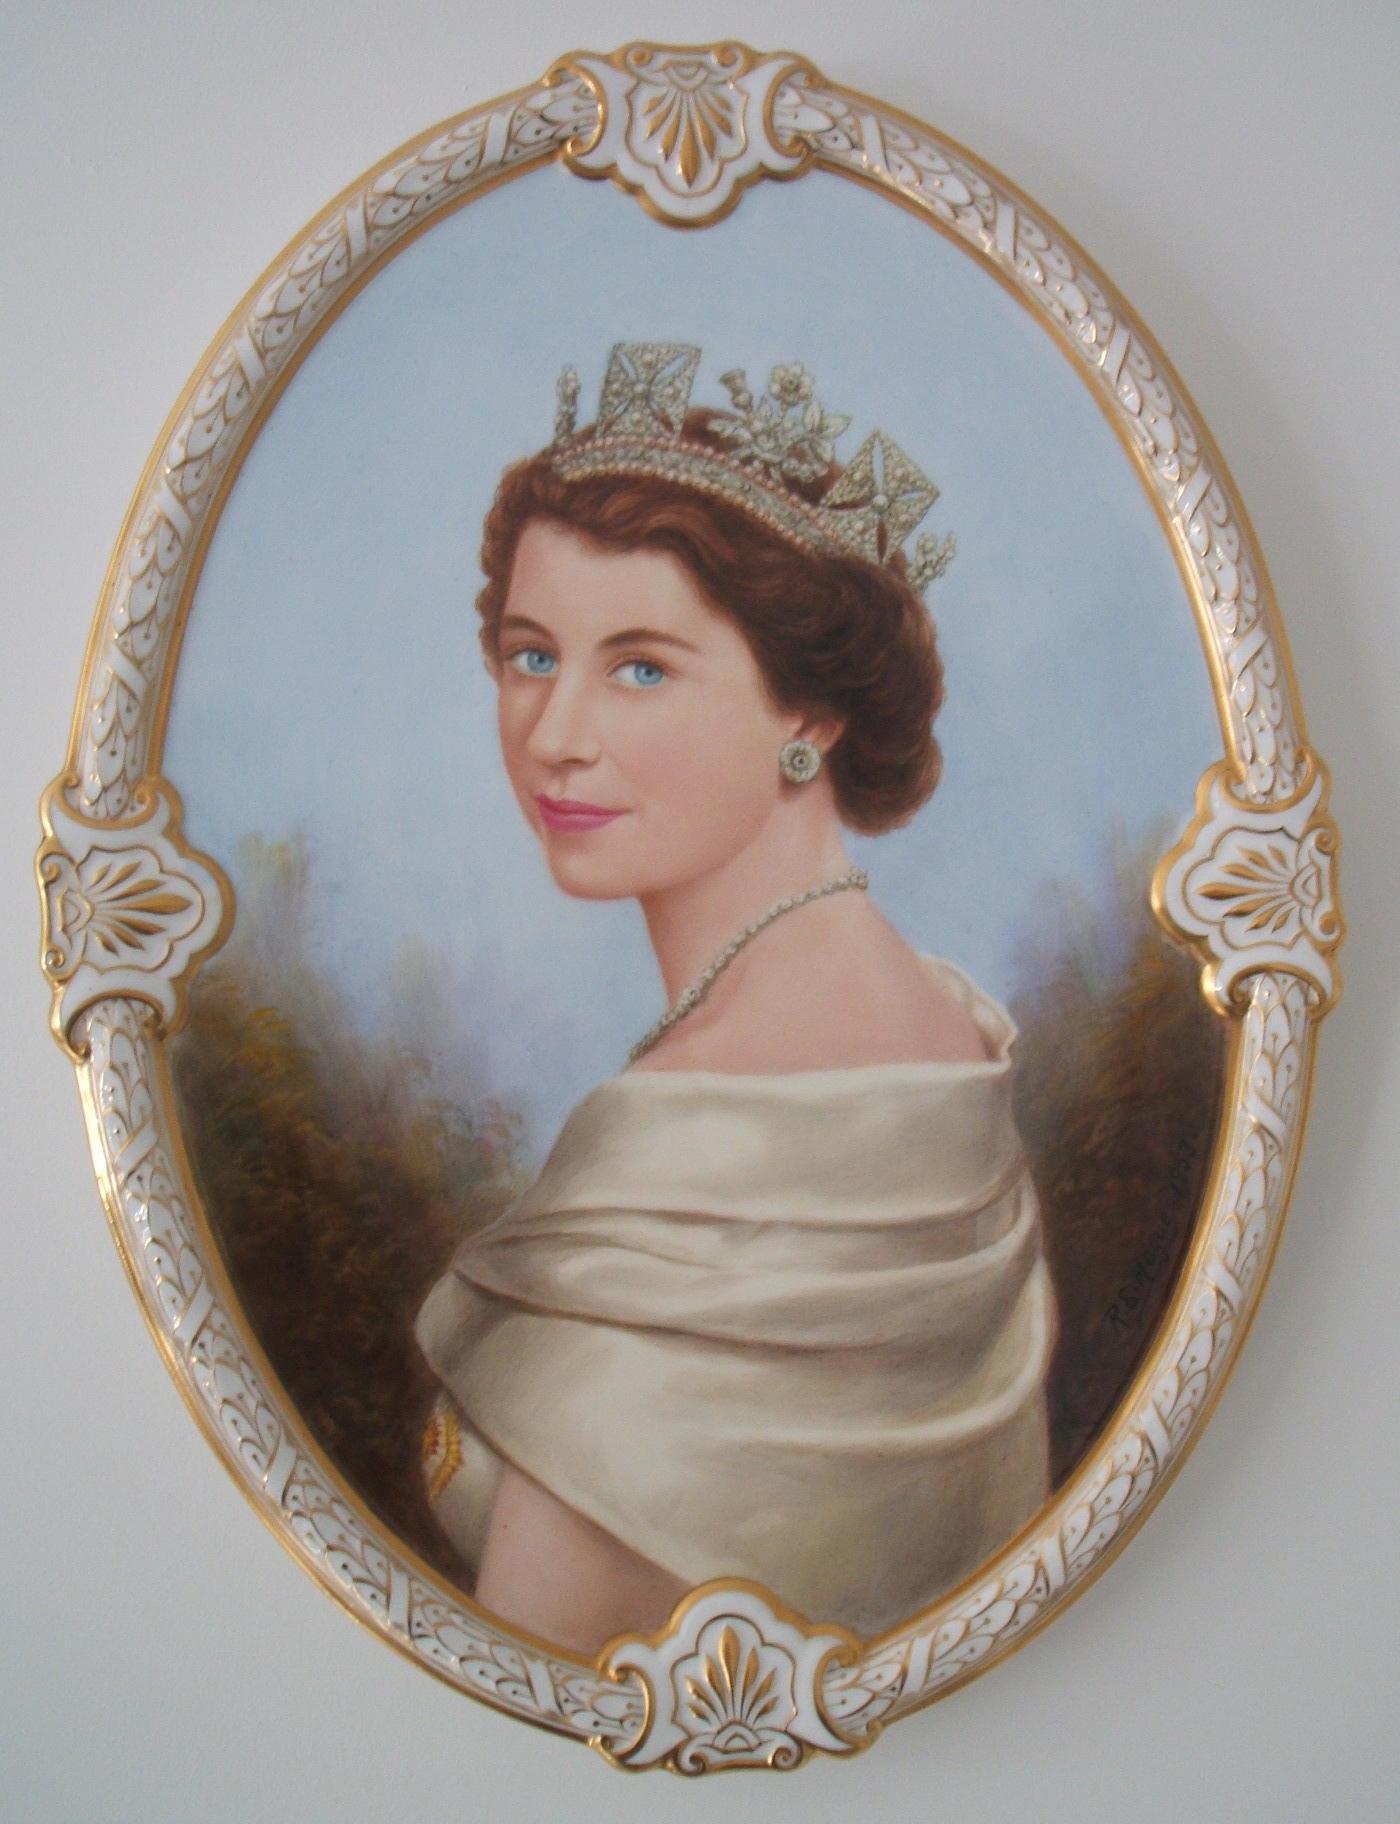 royal-crown-derby-elizabeth-II-douglas-hague-coronation-plaque-1953